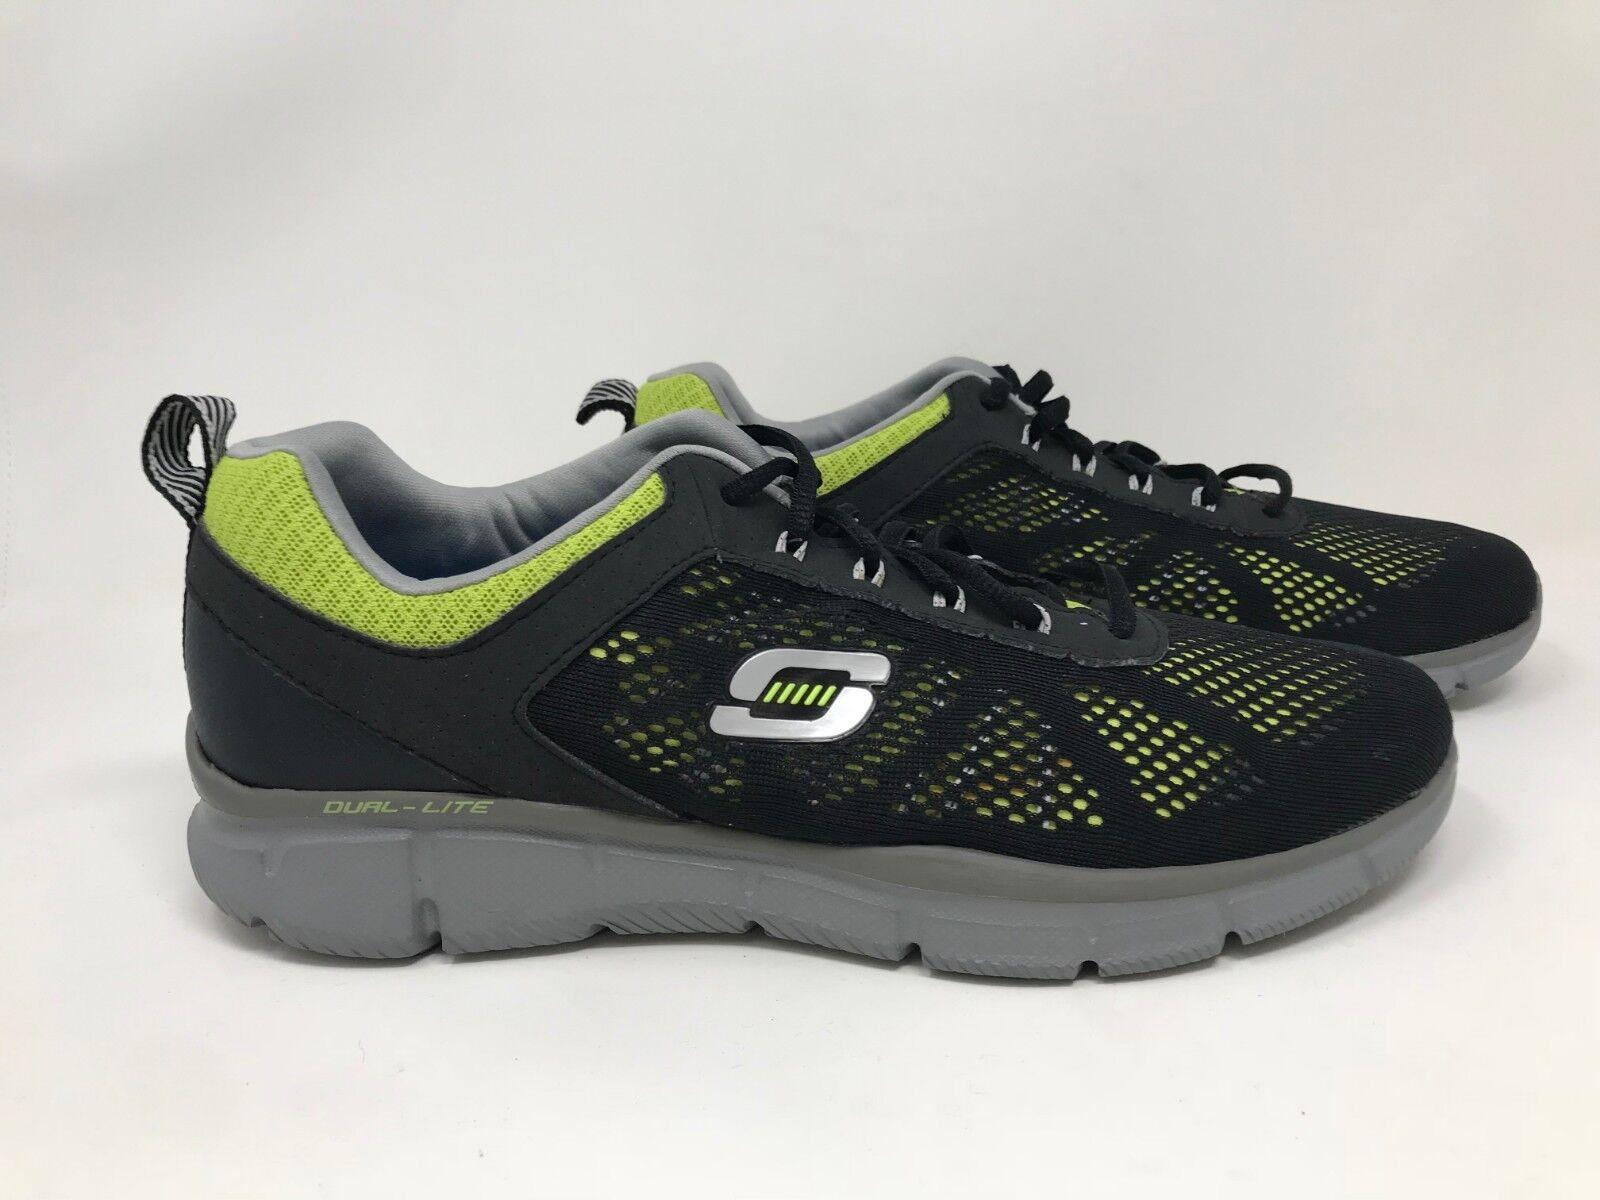 New! Mens Skechers Equalizer Deal Maker Shoes 51358 Black/Lime I64 best-selling model of the brand